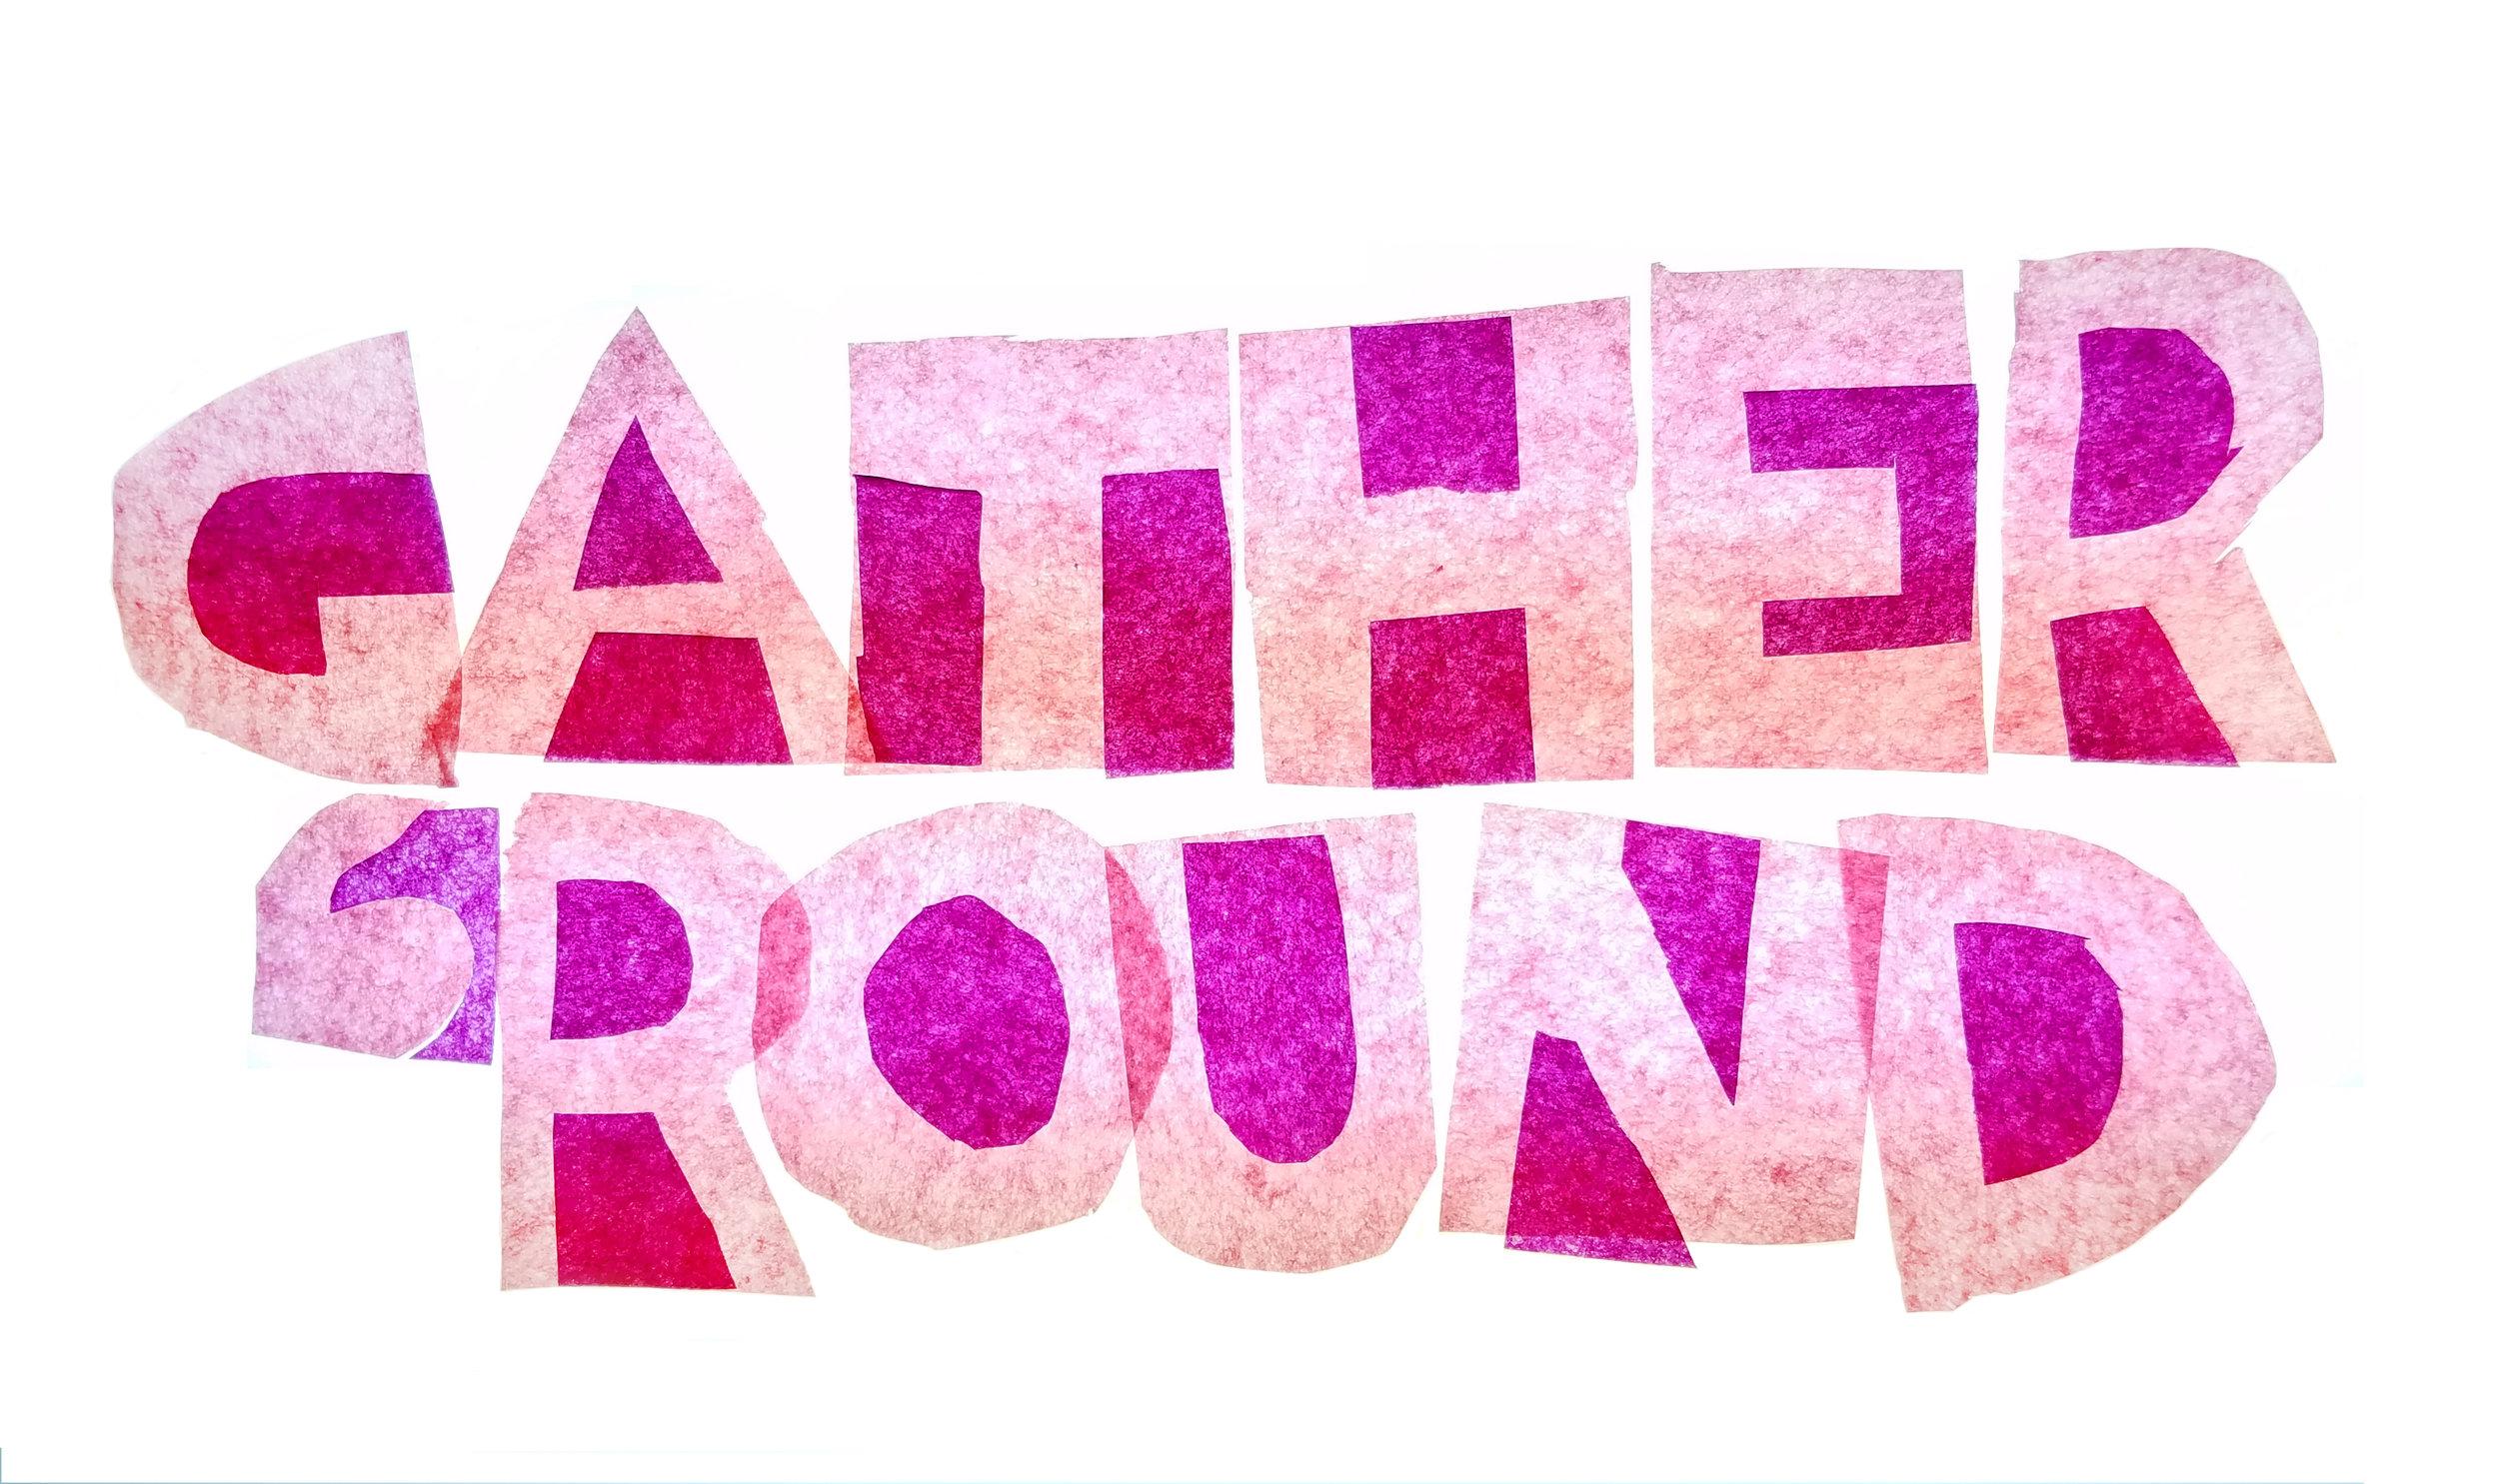 gather_round_silo